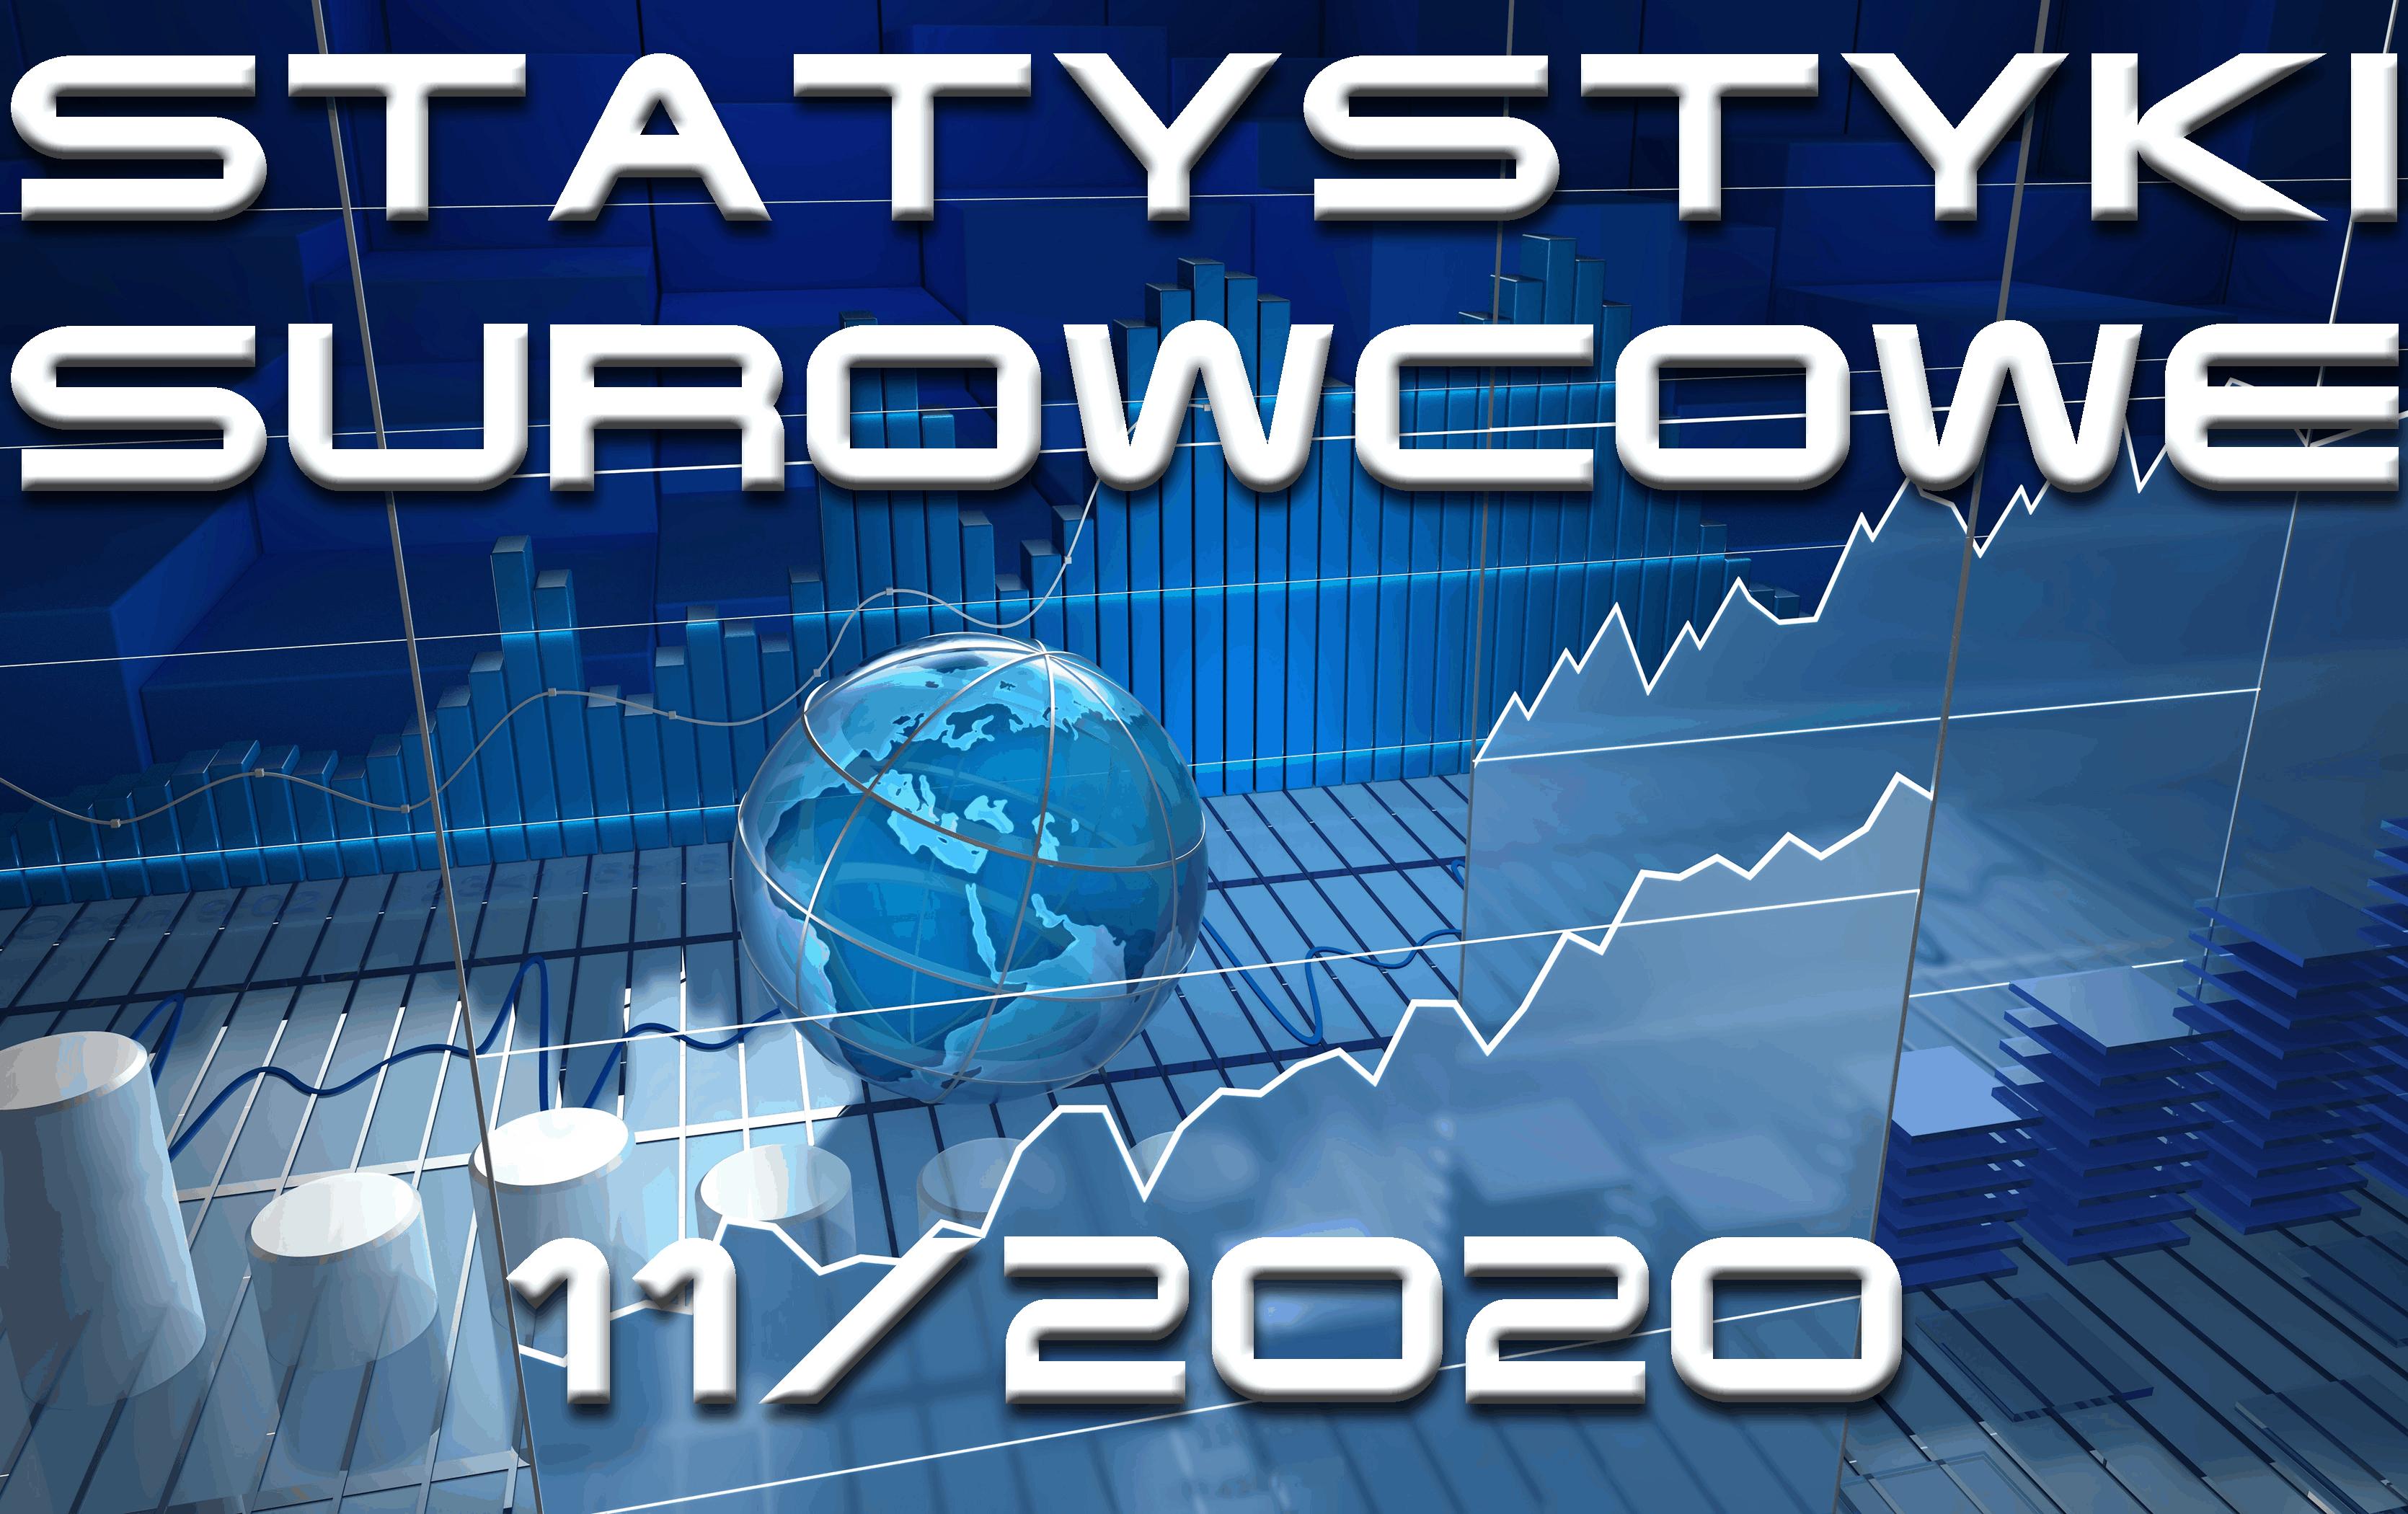 statystyki miesięczne listopad 2020